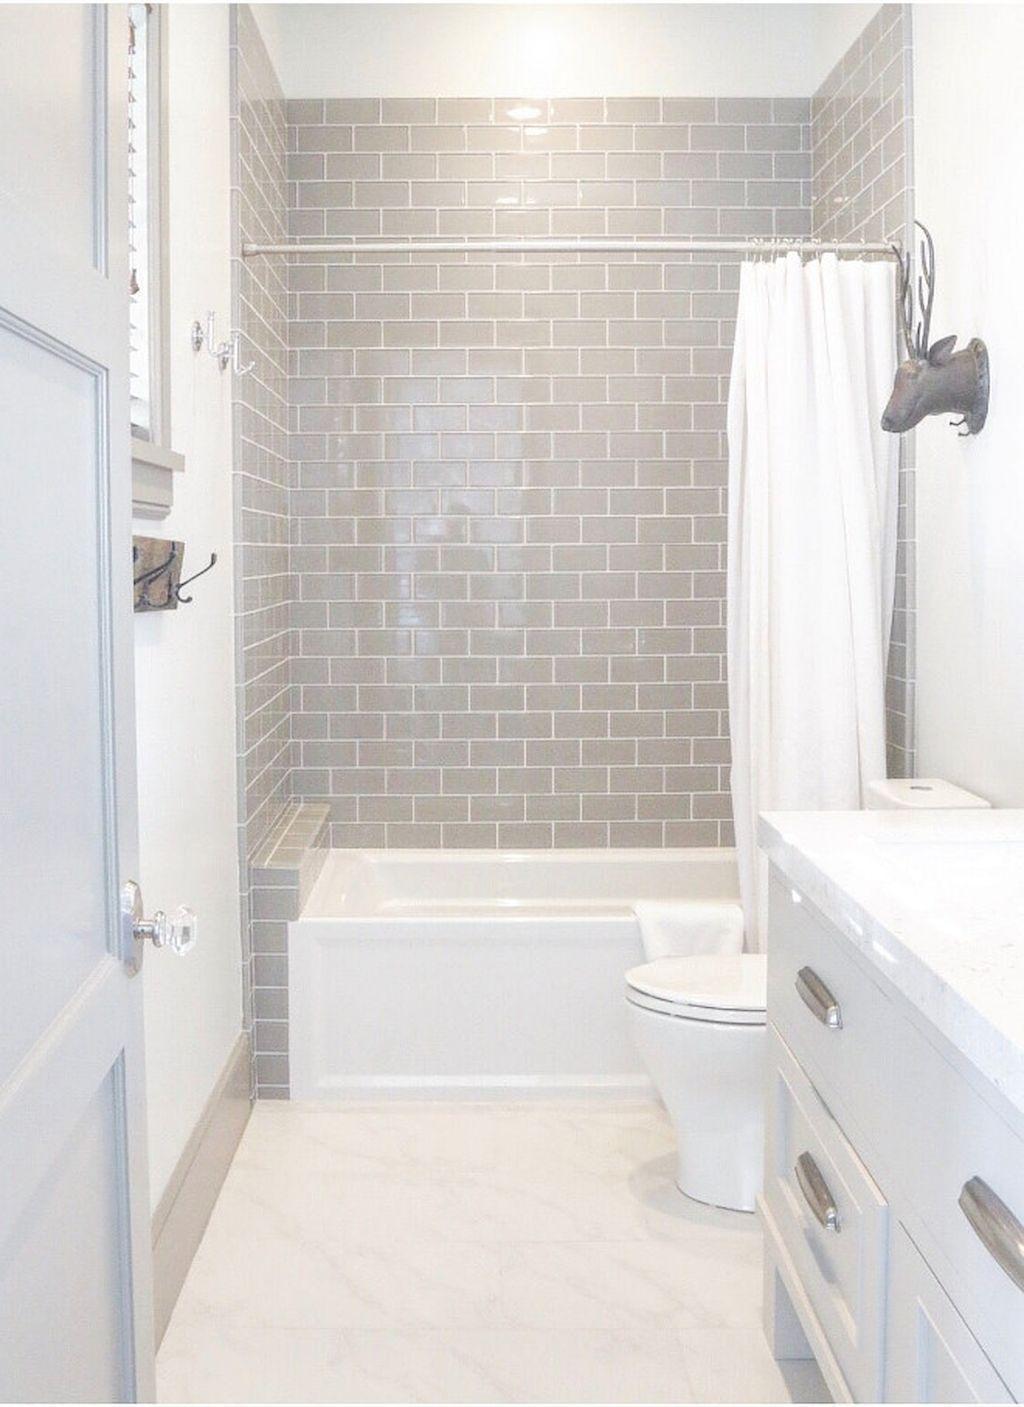 Small Bathroom Remodel with Bathtub Ideas (56)   Bathroom remodel ...